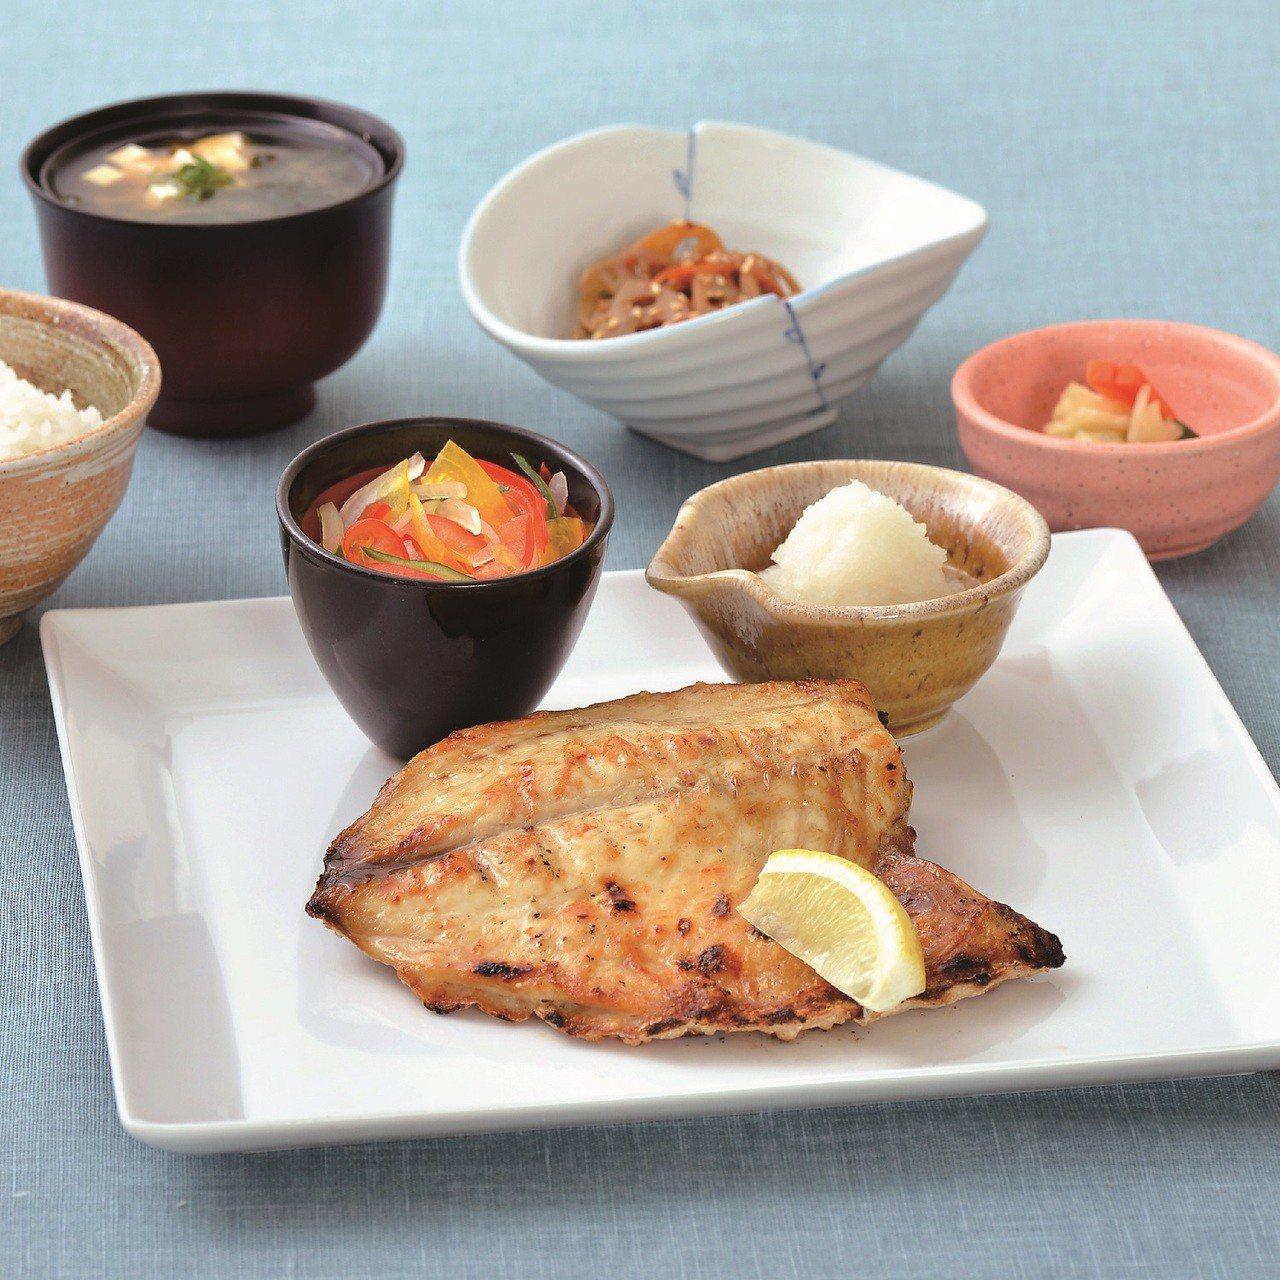 大戶屋季節限定的炭烤黃金鯧定食,每份390元。